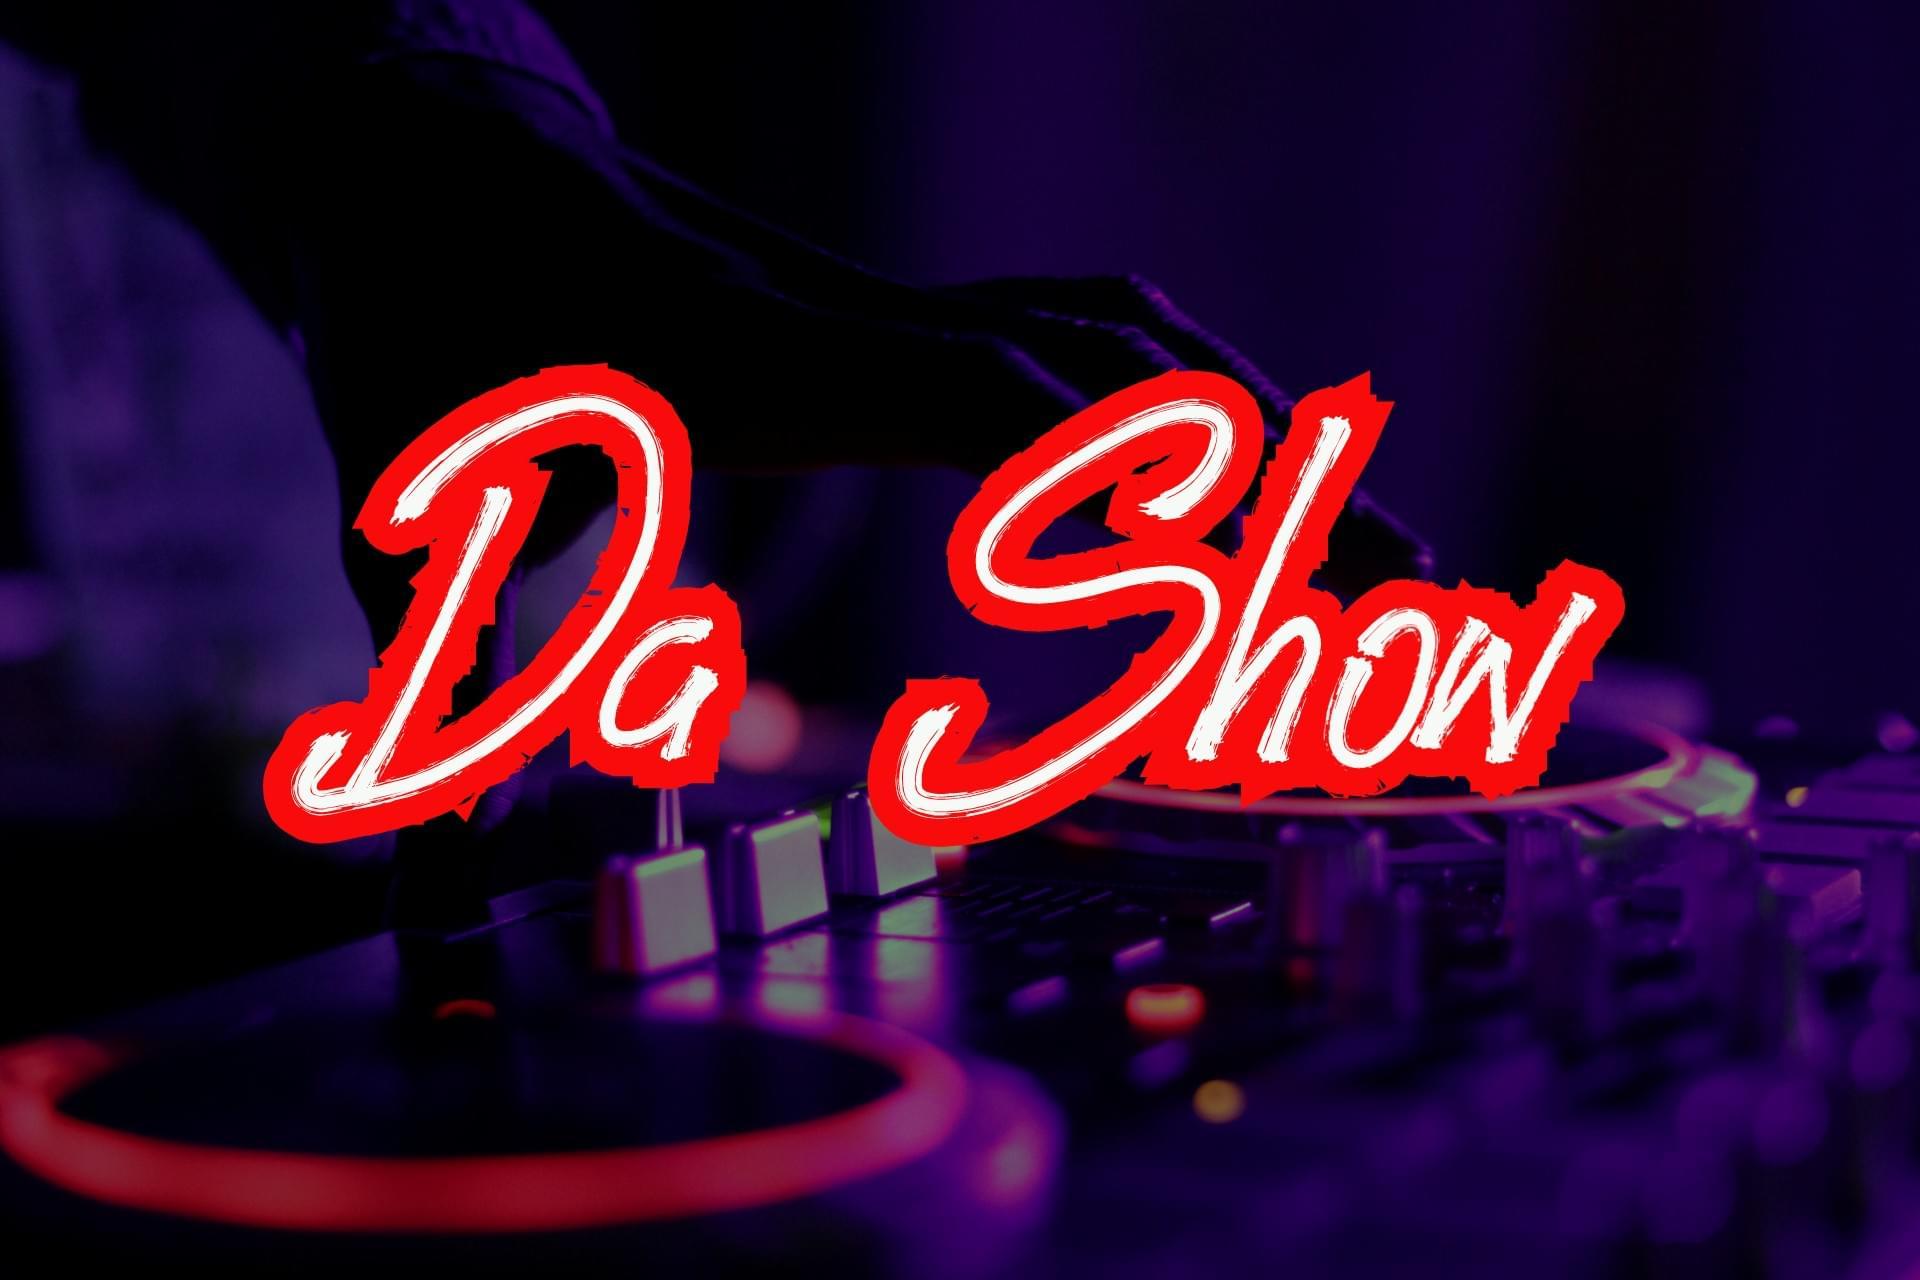 Da Show